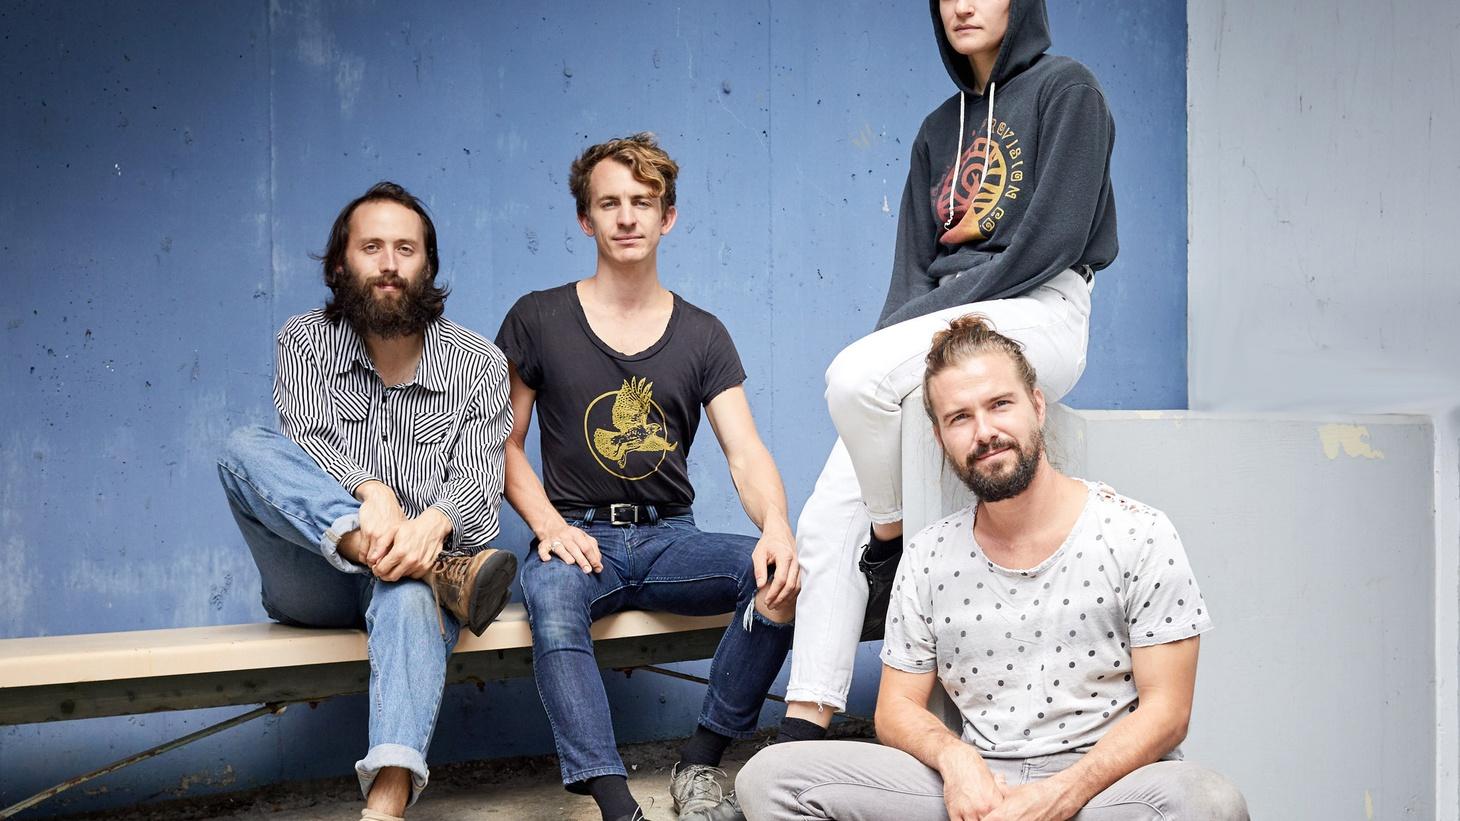 Brooklyn's Big Thief plays intimate yet powerful folk rock music.